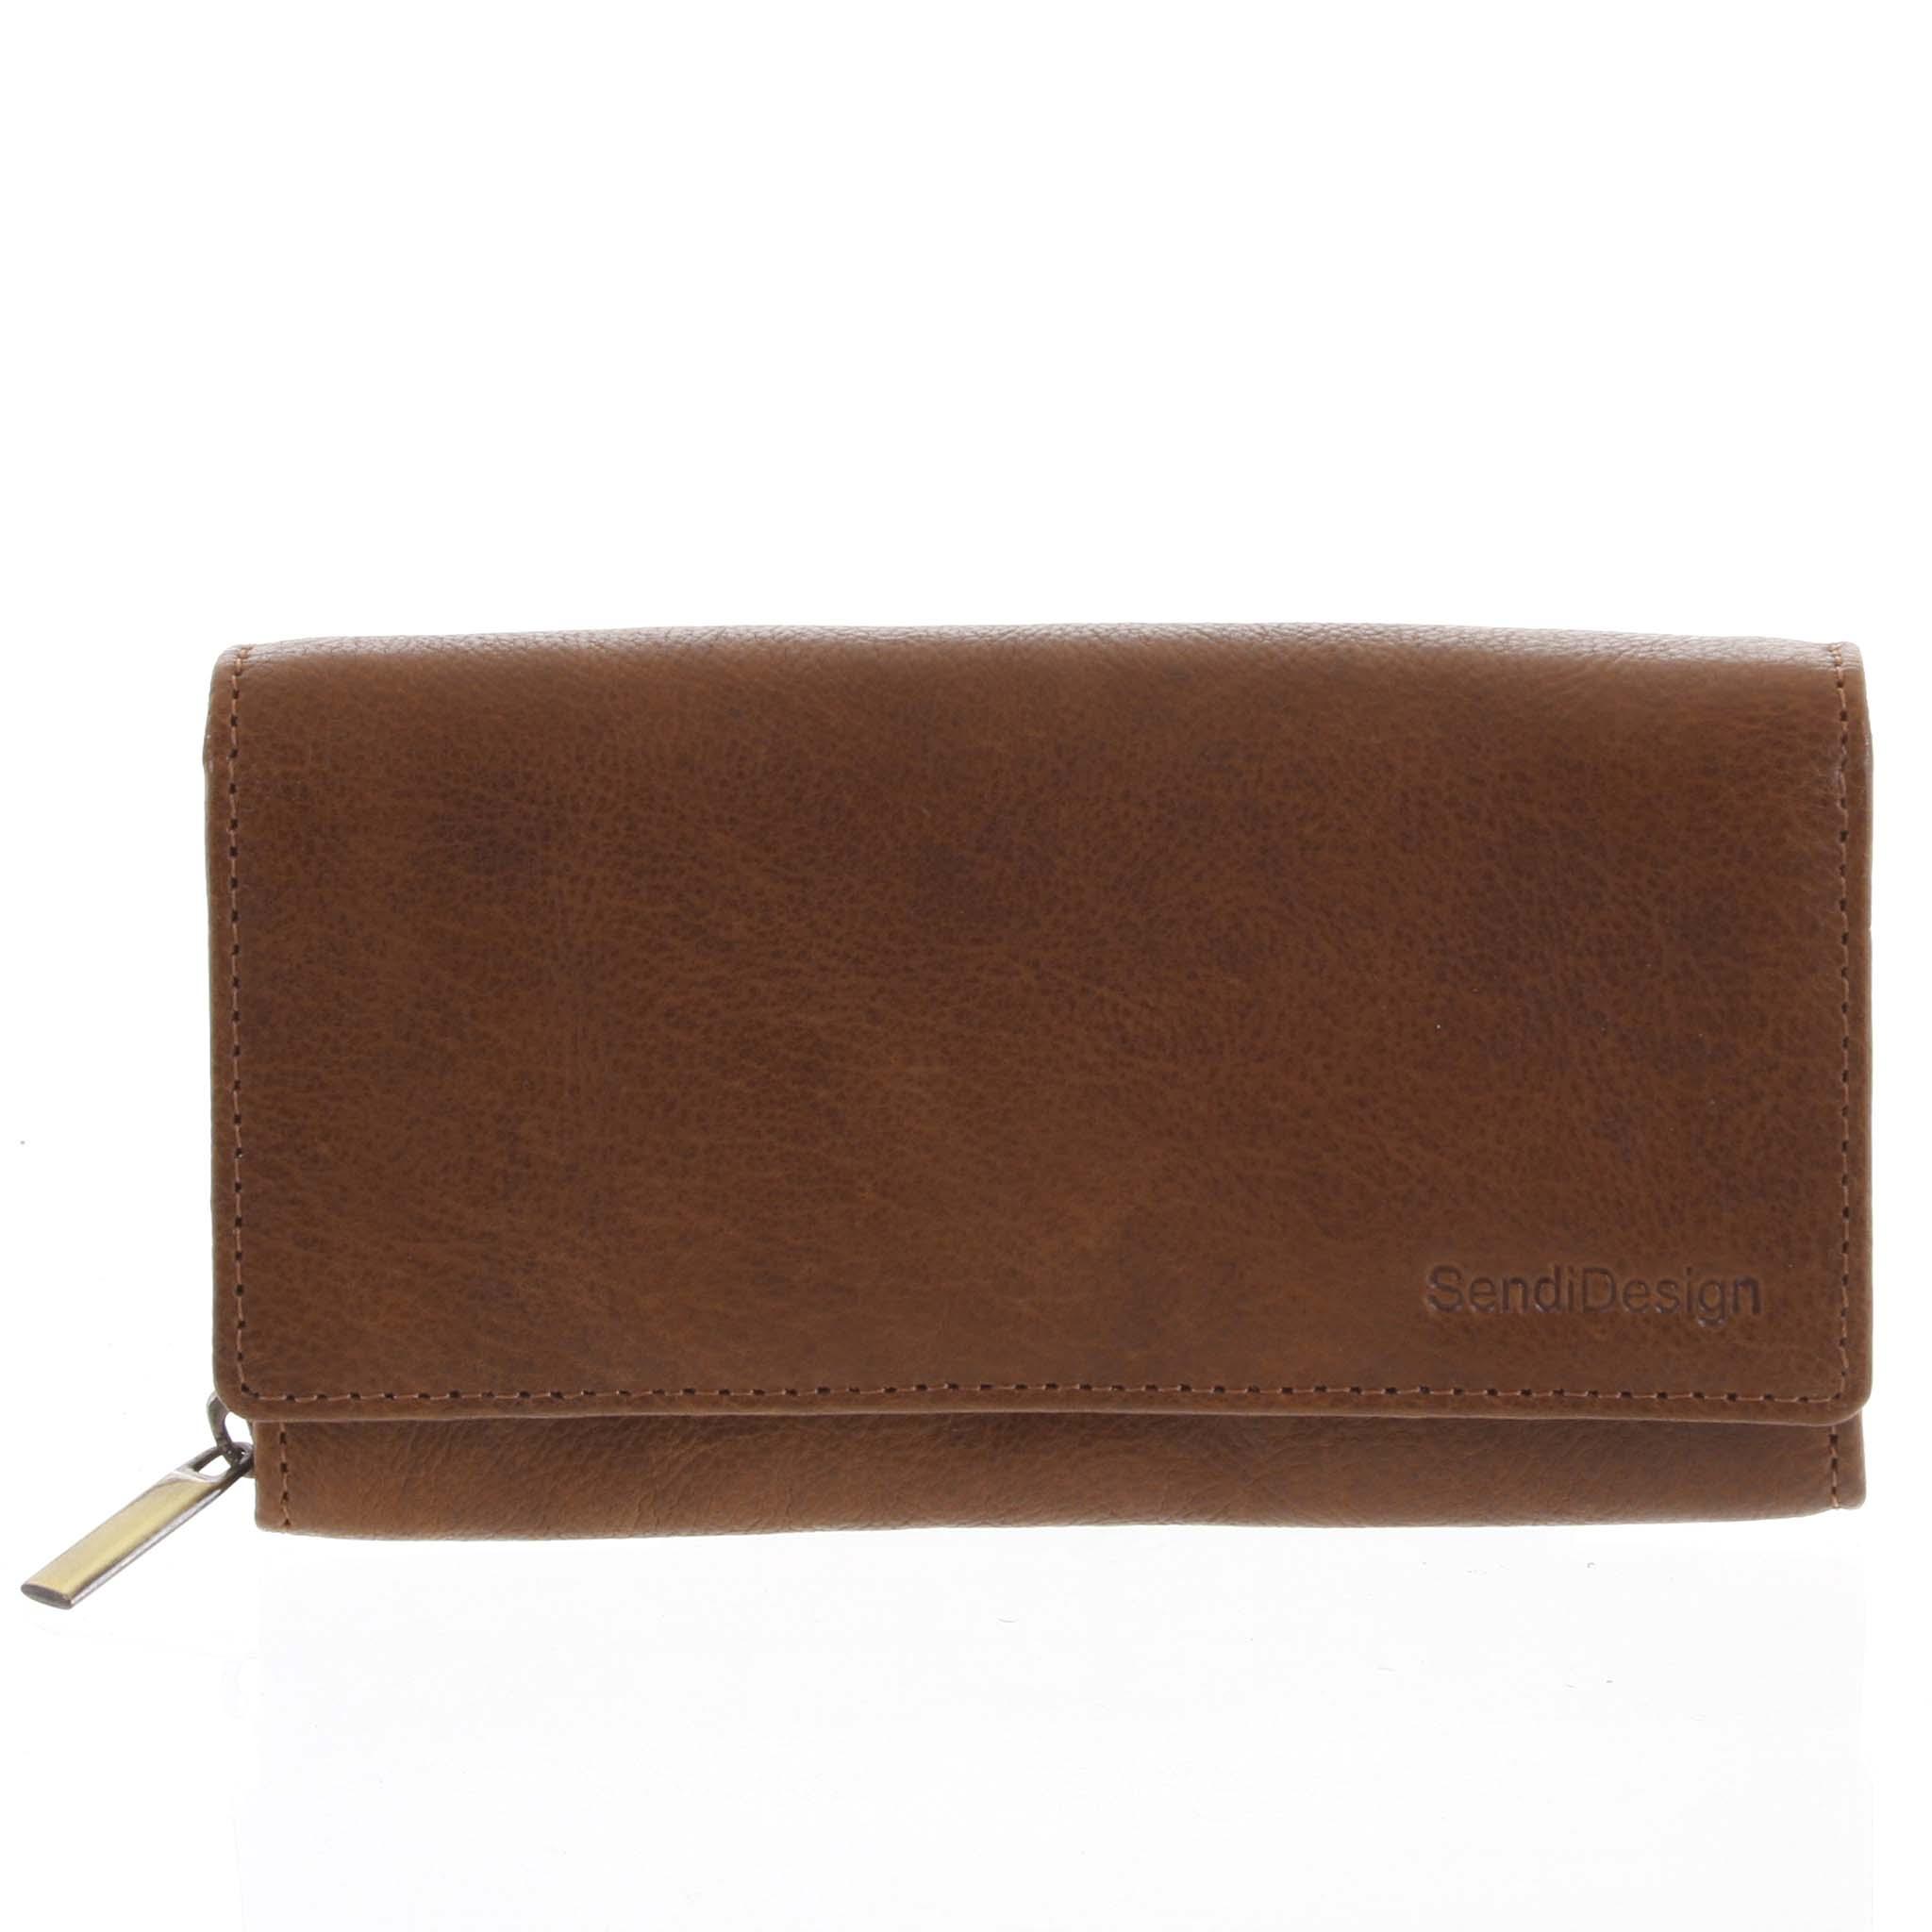 Dámska kožená peňaženka svetlohnedá - SendiDesign Zimbie